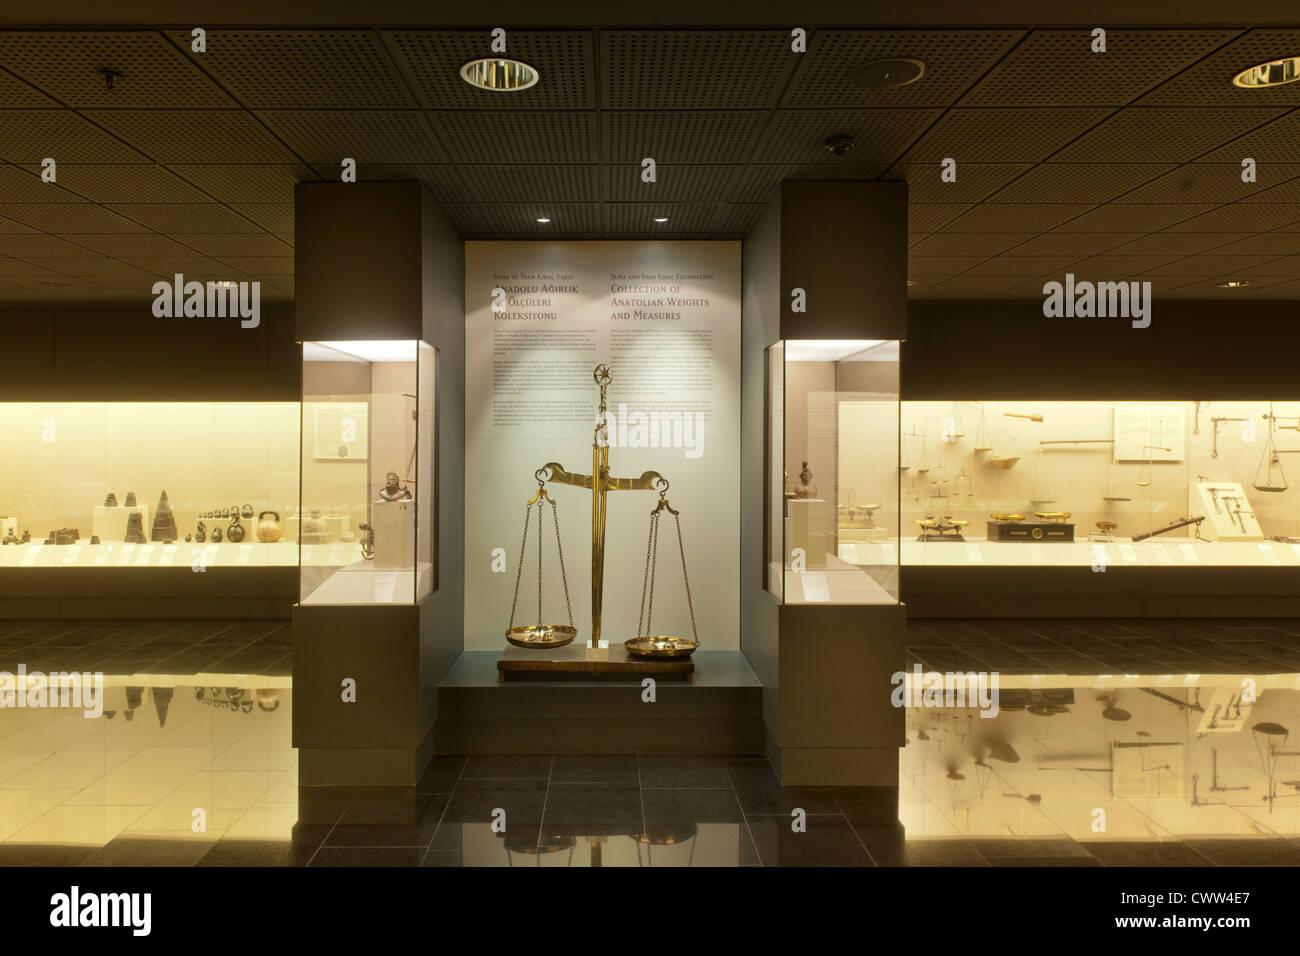 Türkei, Istanbul, Beyoglu, Tepabasi, das Pera-Museum ist ein Kunstmuseum. Austellung Masse und Gewichte. - Stock Image